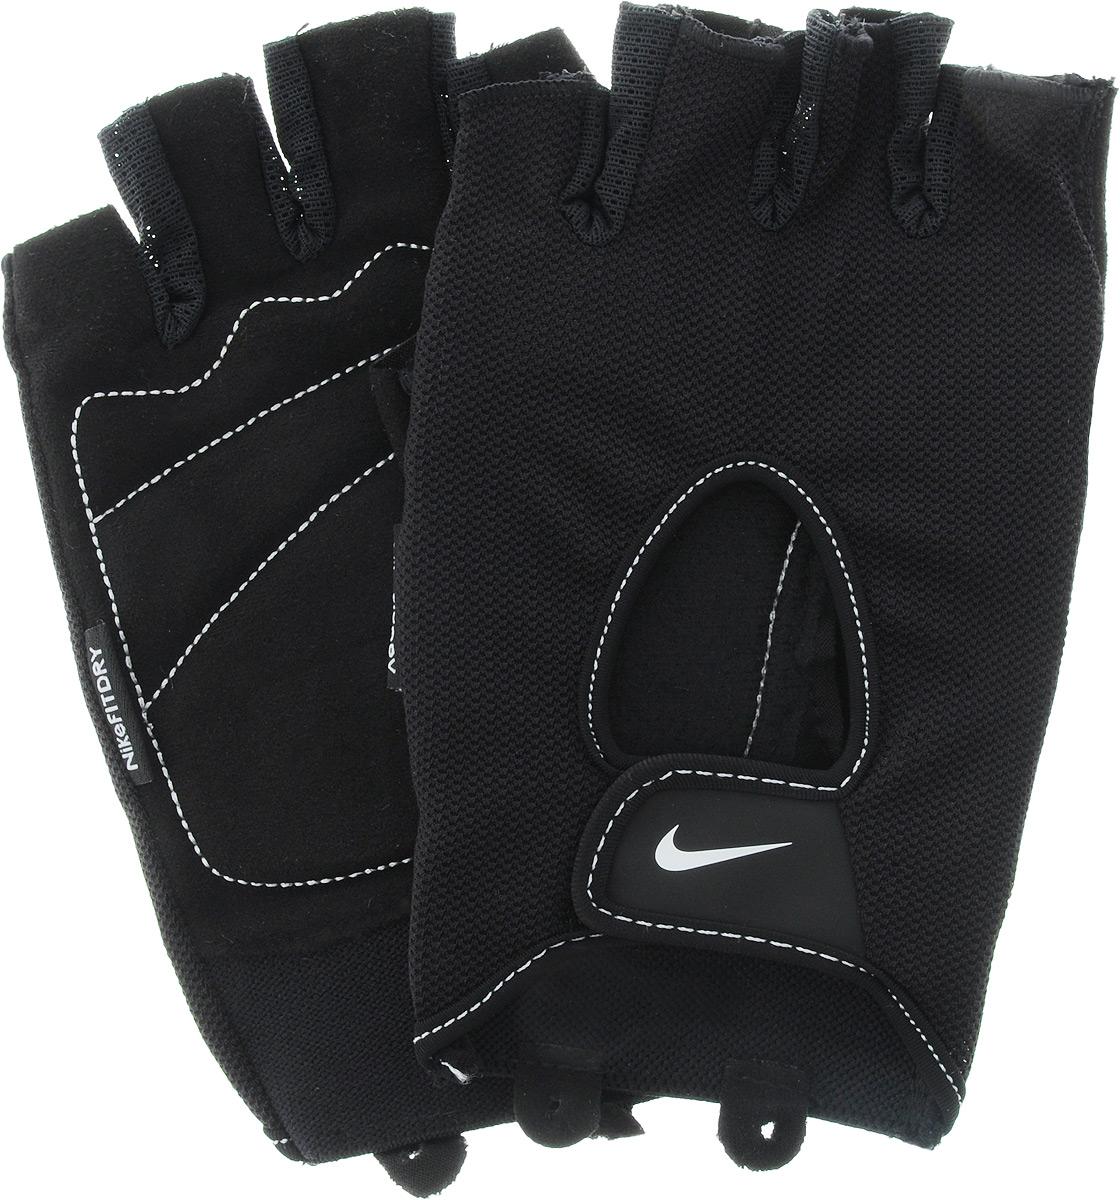 Перчатки для фитнеса женские Nike Wmn Fundamental Fitness Gloves, цвет: черный. Размер XS9.092.067.047._черный_XSПерчатки для фитнеса женские Nike Wmn Fundamental Fitness Gloves, цвет: черный. Размер XS